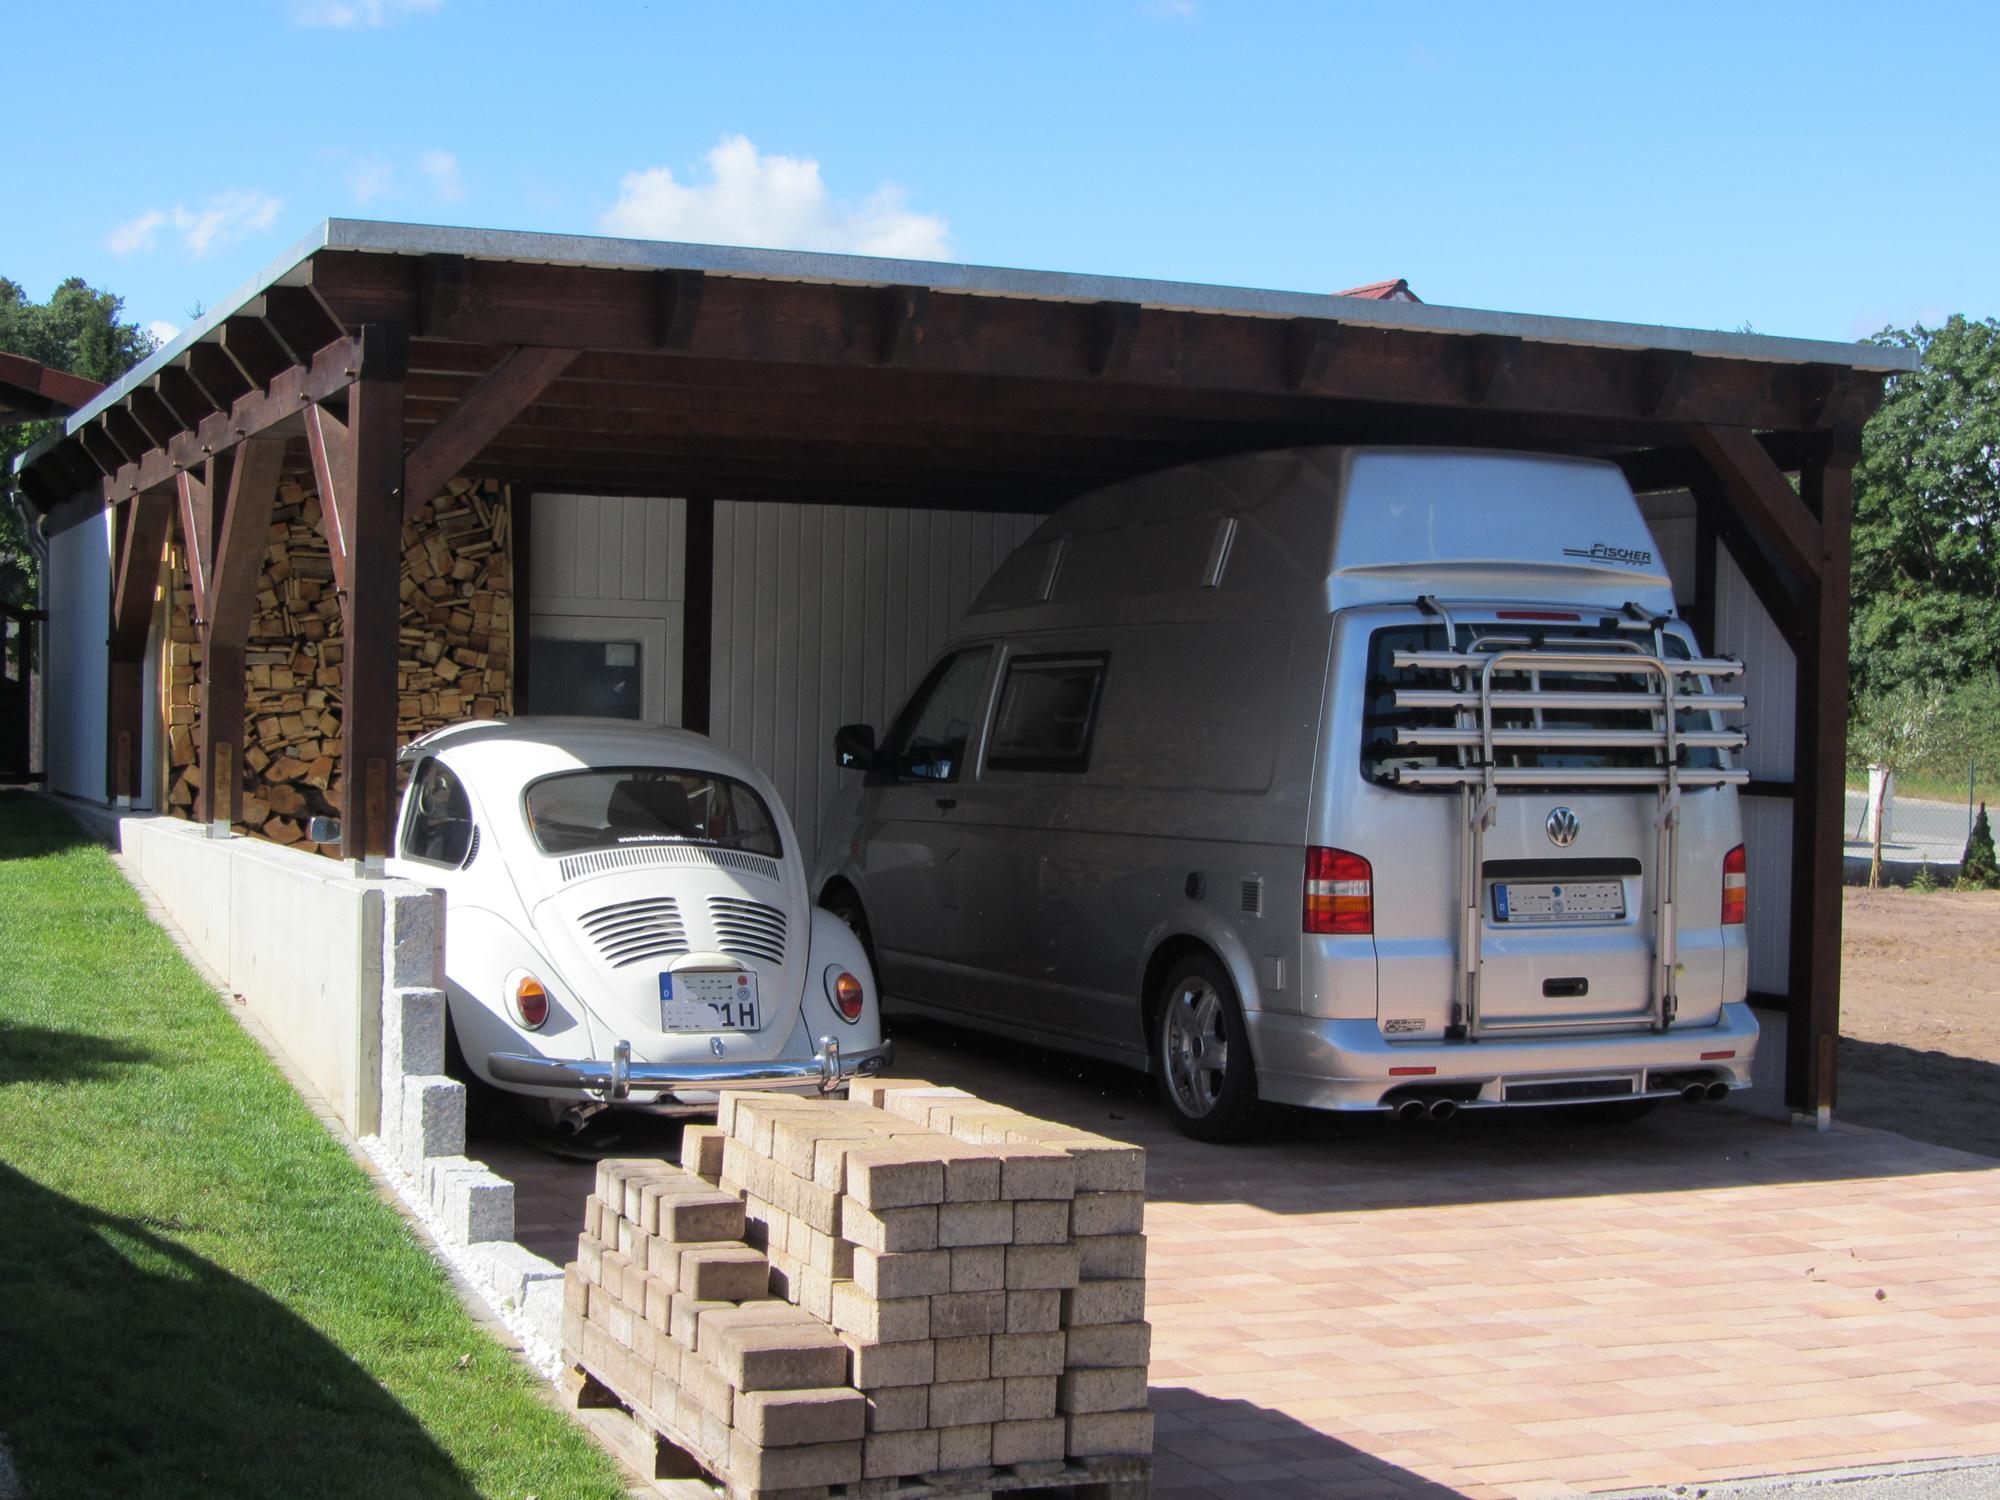 doppelgarage carport mit pultdach